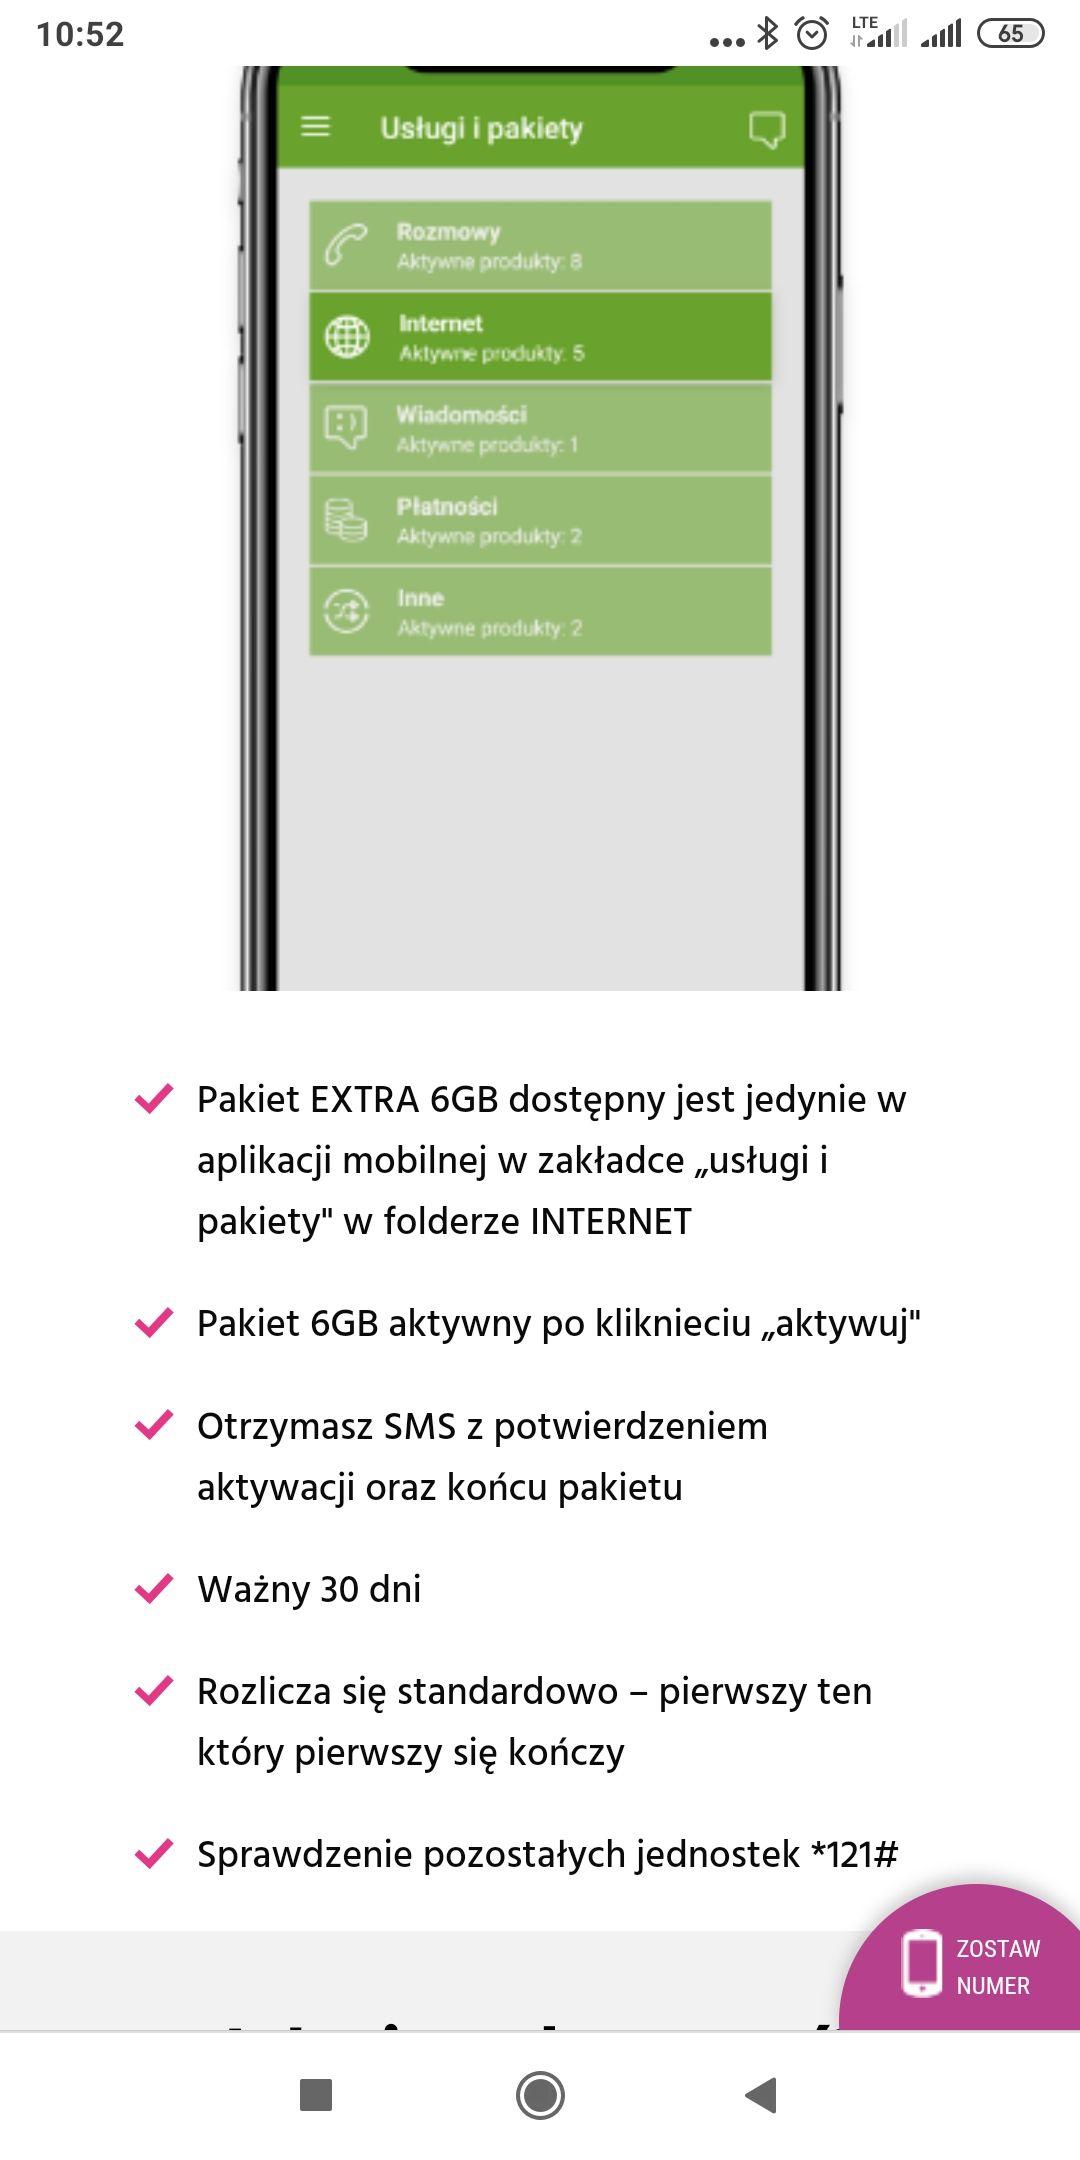 6GB internetu za darmo plush (możliwe że również plus) w aplikacji